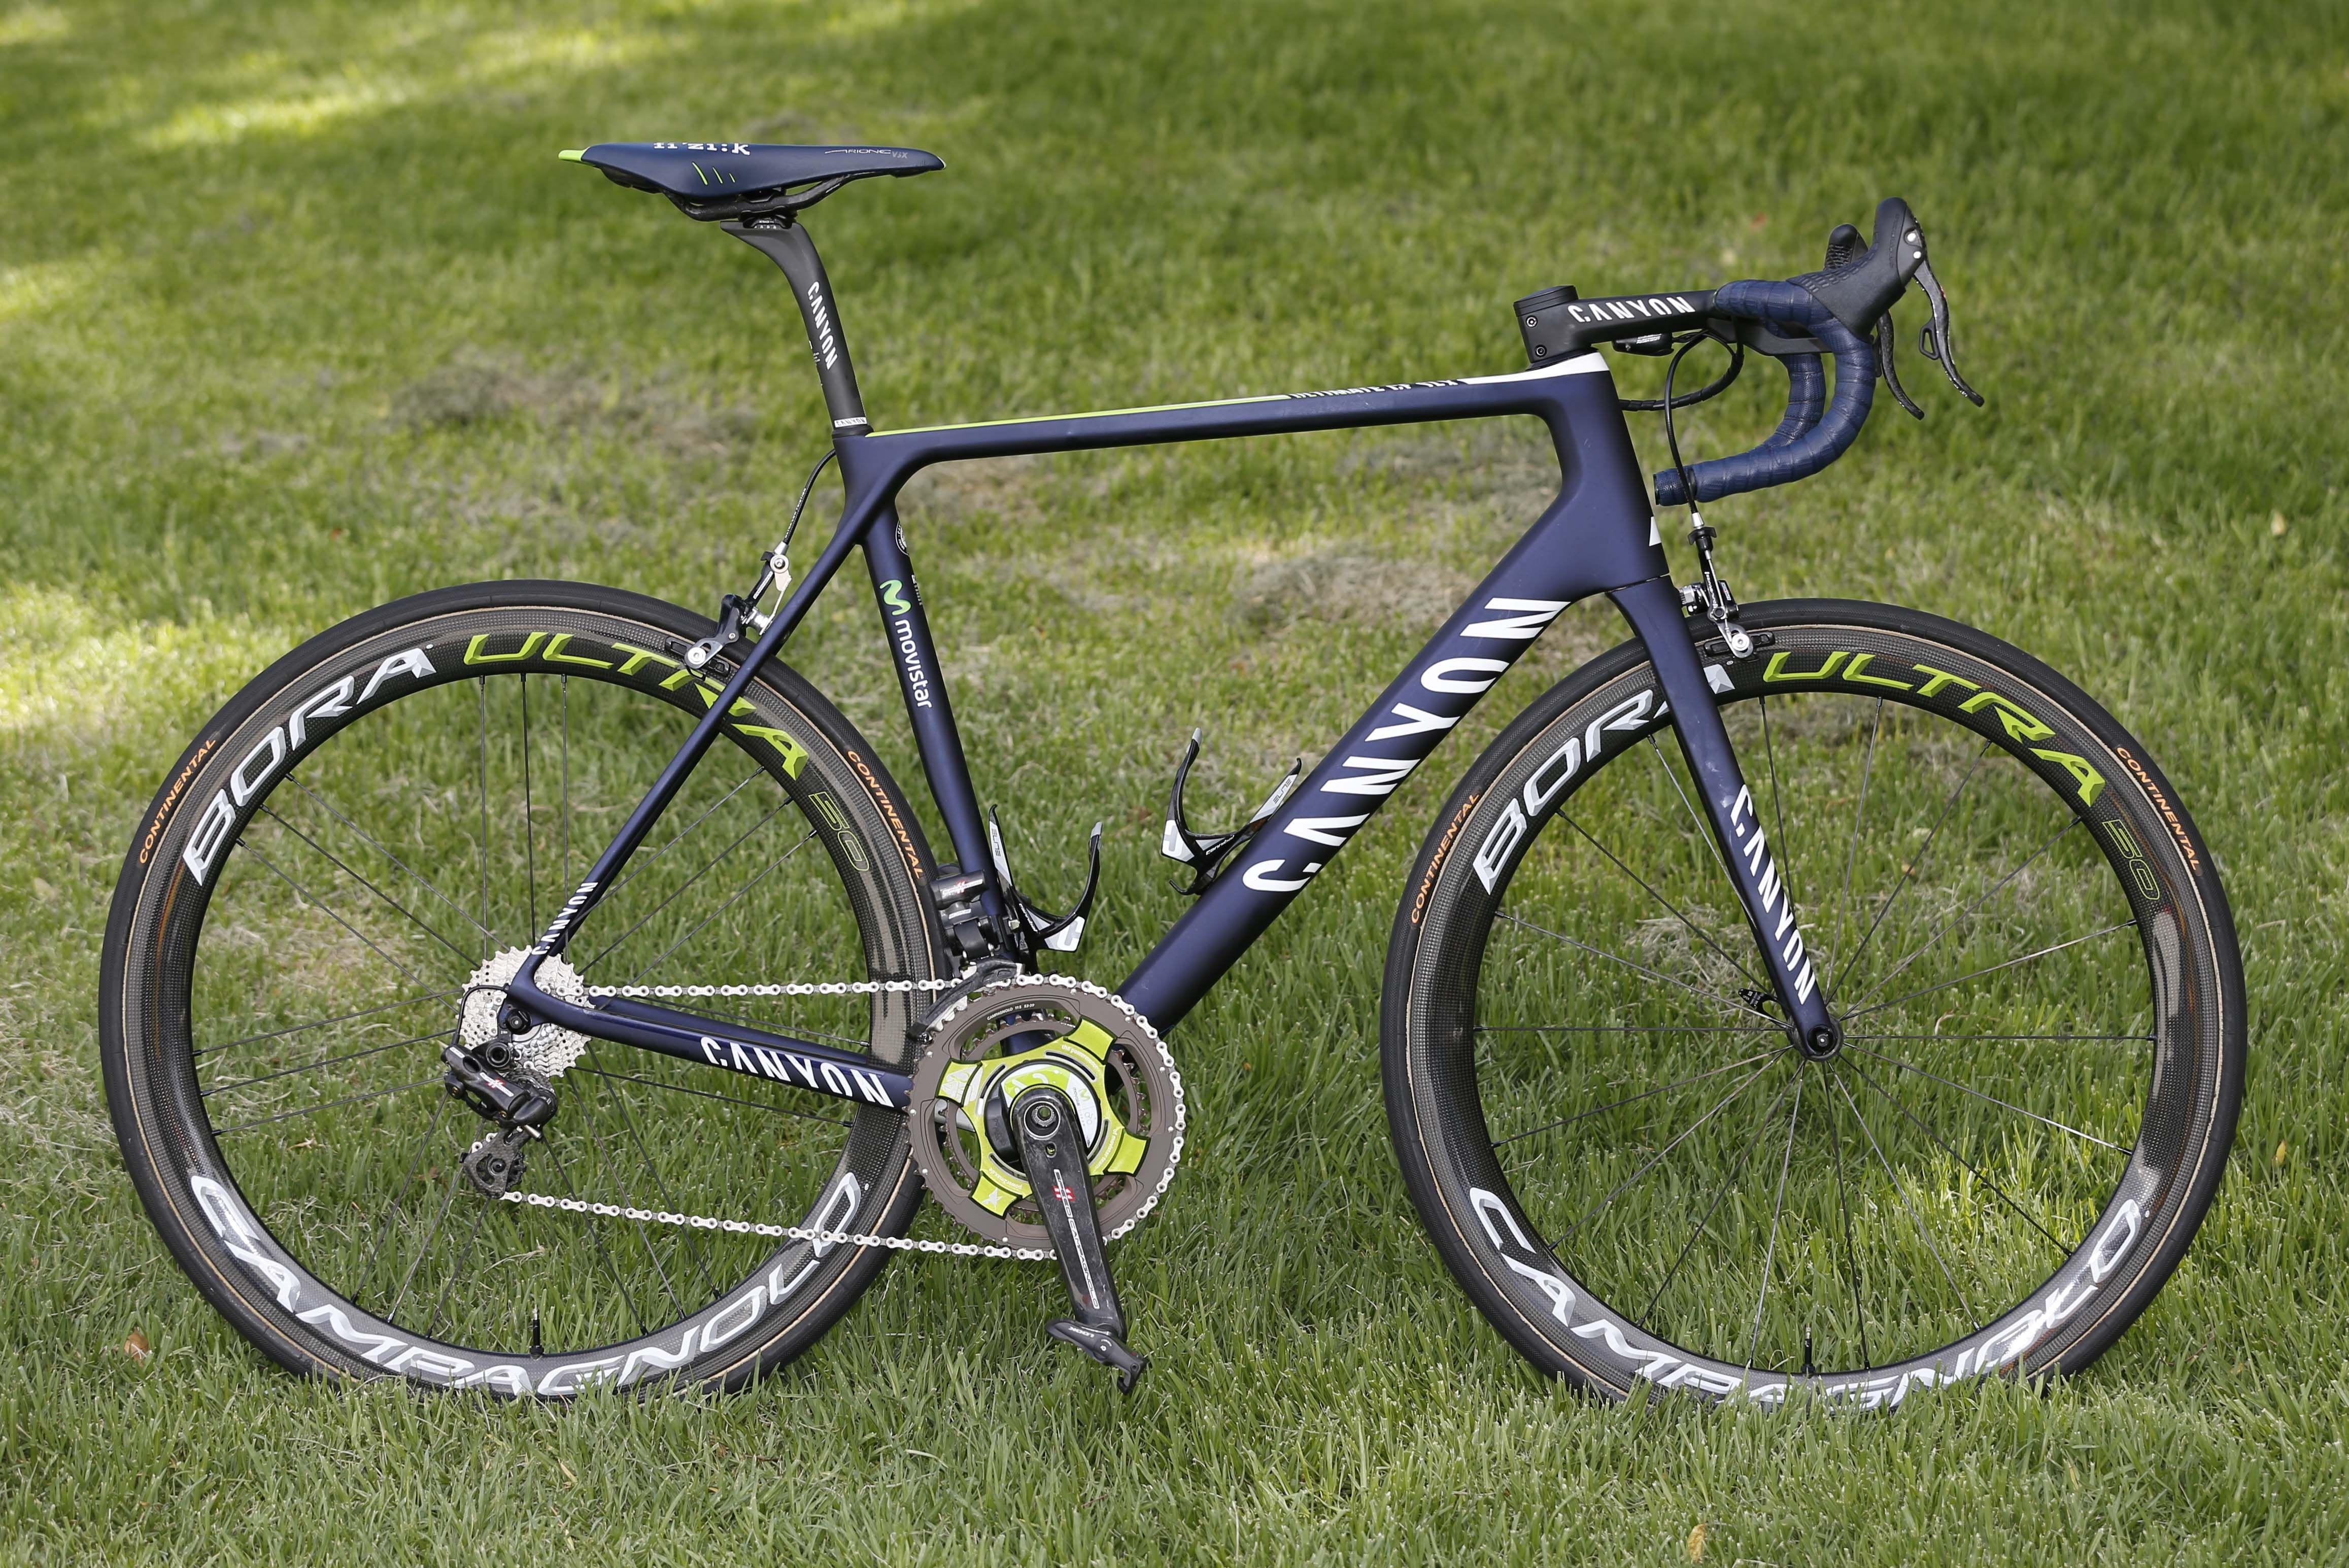 382024427e5 movistar canyon ultimate cf slx Canyon Ultimate, Cycling Bikes, Road Bikes, Cycling  Weekly